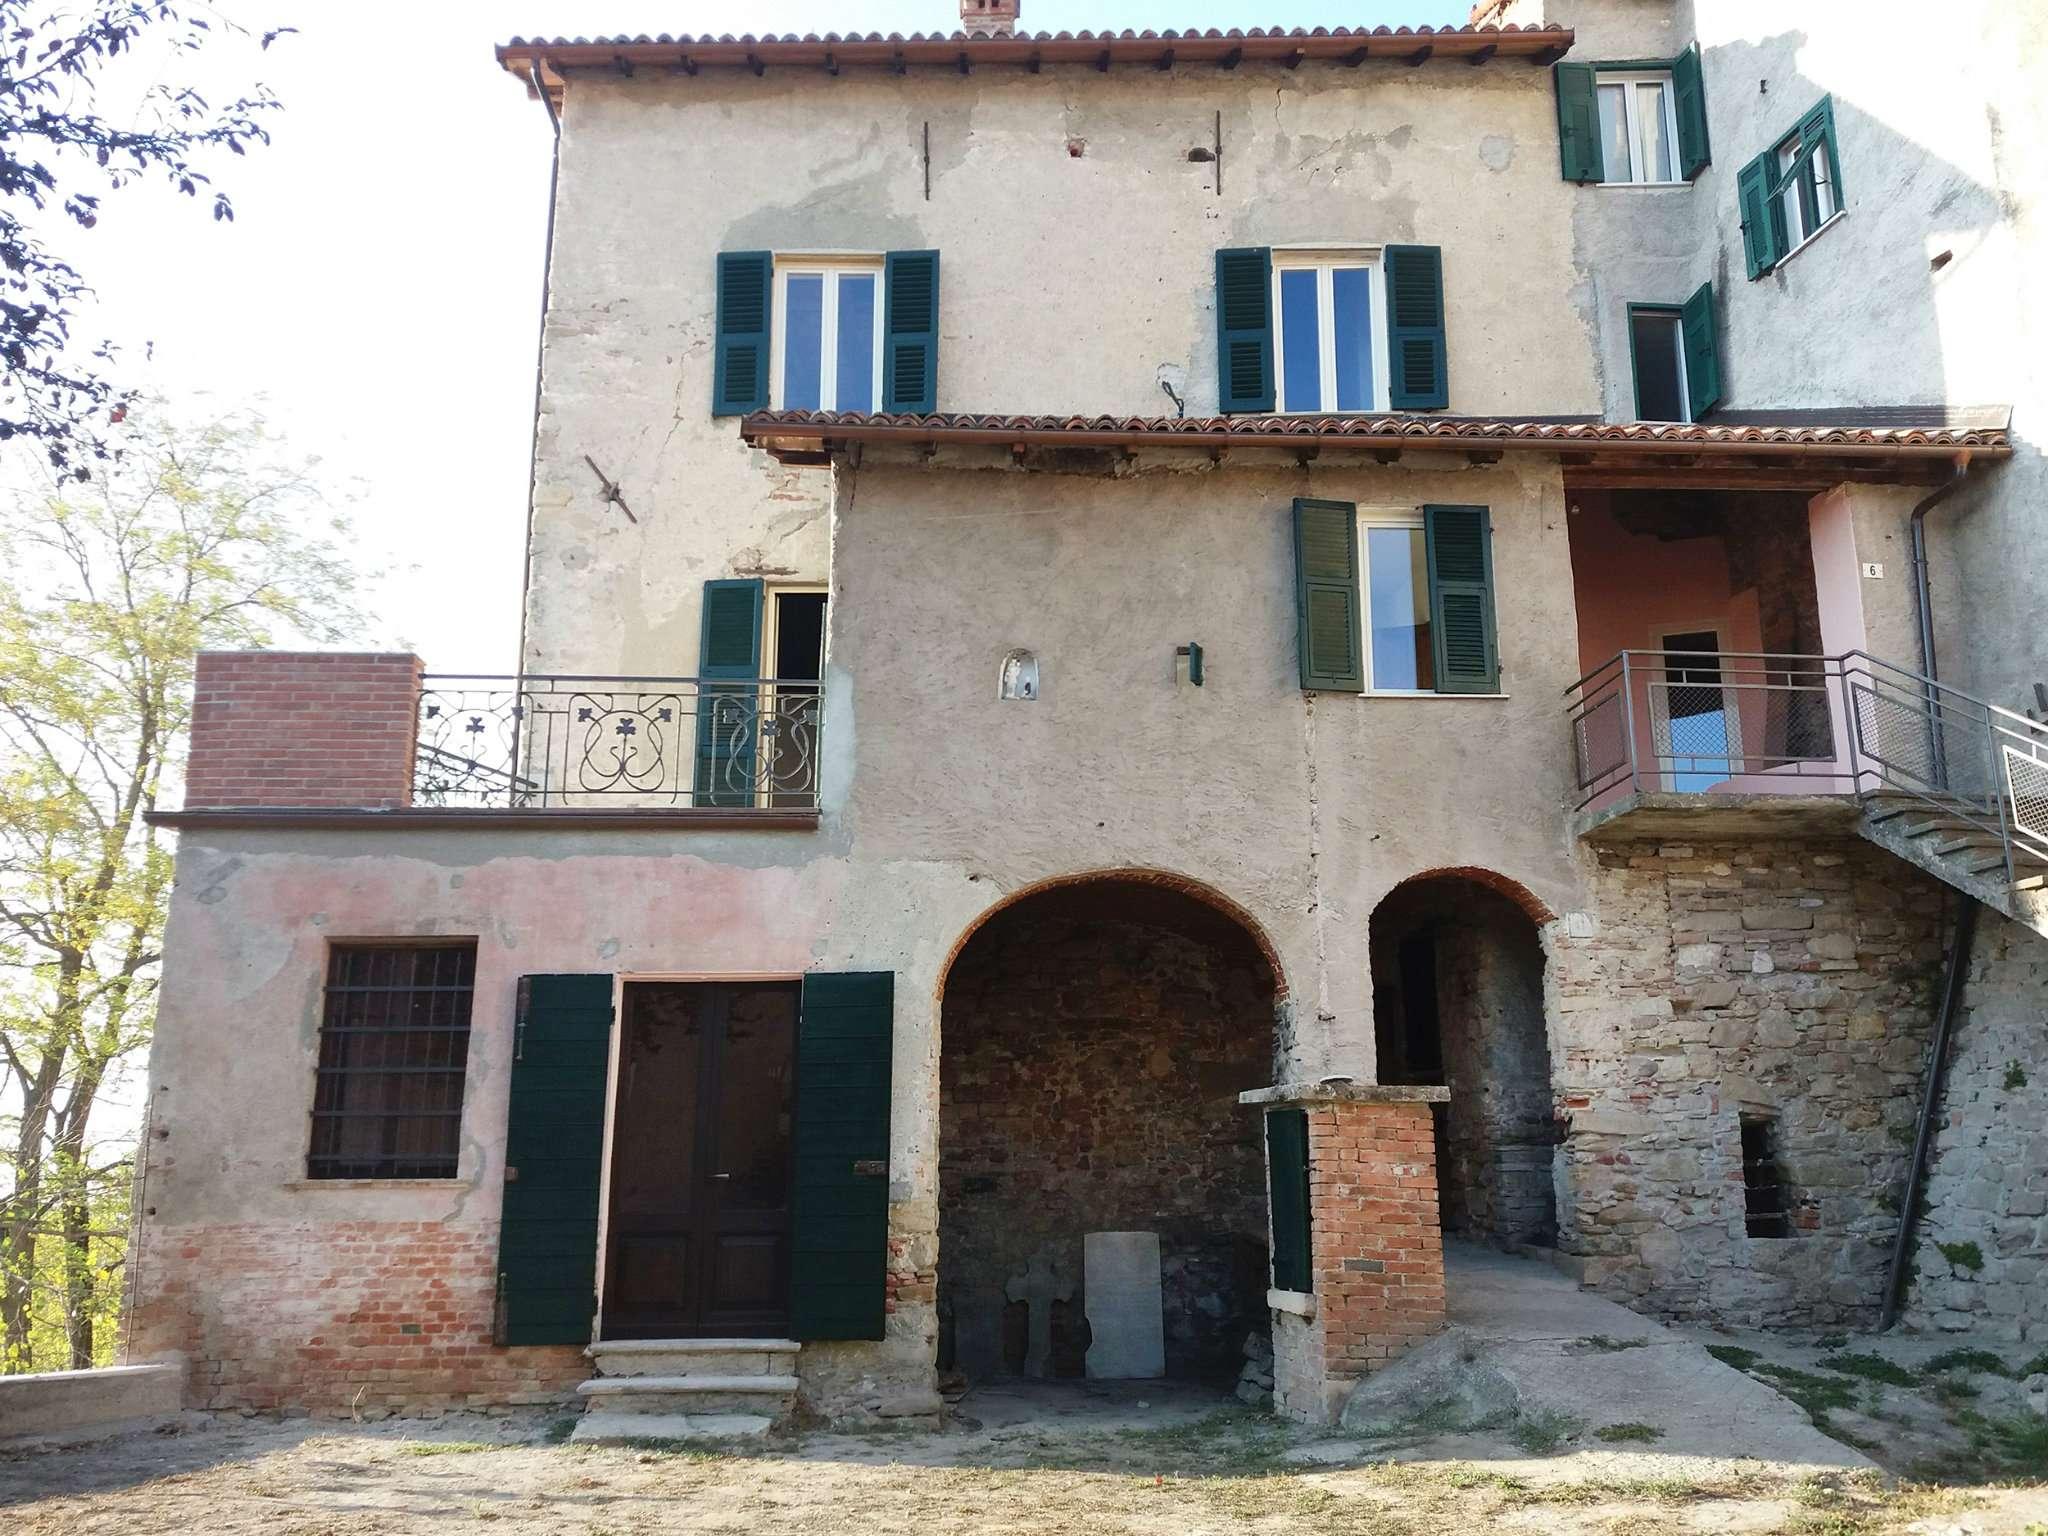 Soluzione Indipendente in affitto a Montaldeo, 7 locali, prezzo € 600 | PortaleAgenzieImmobiliari.it